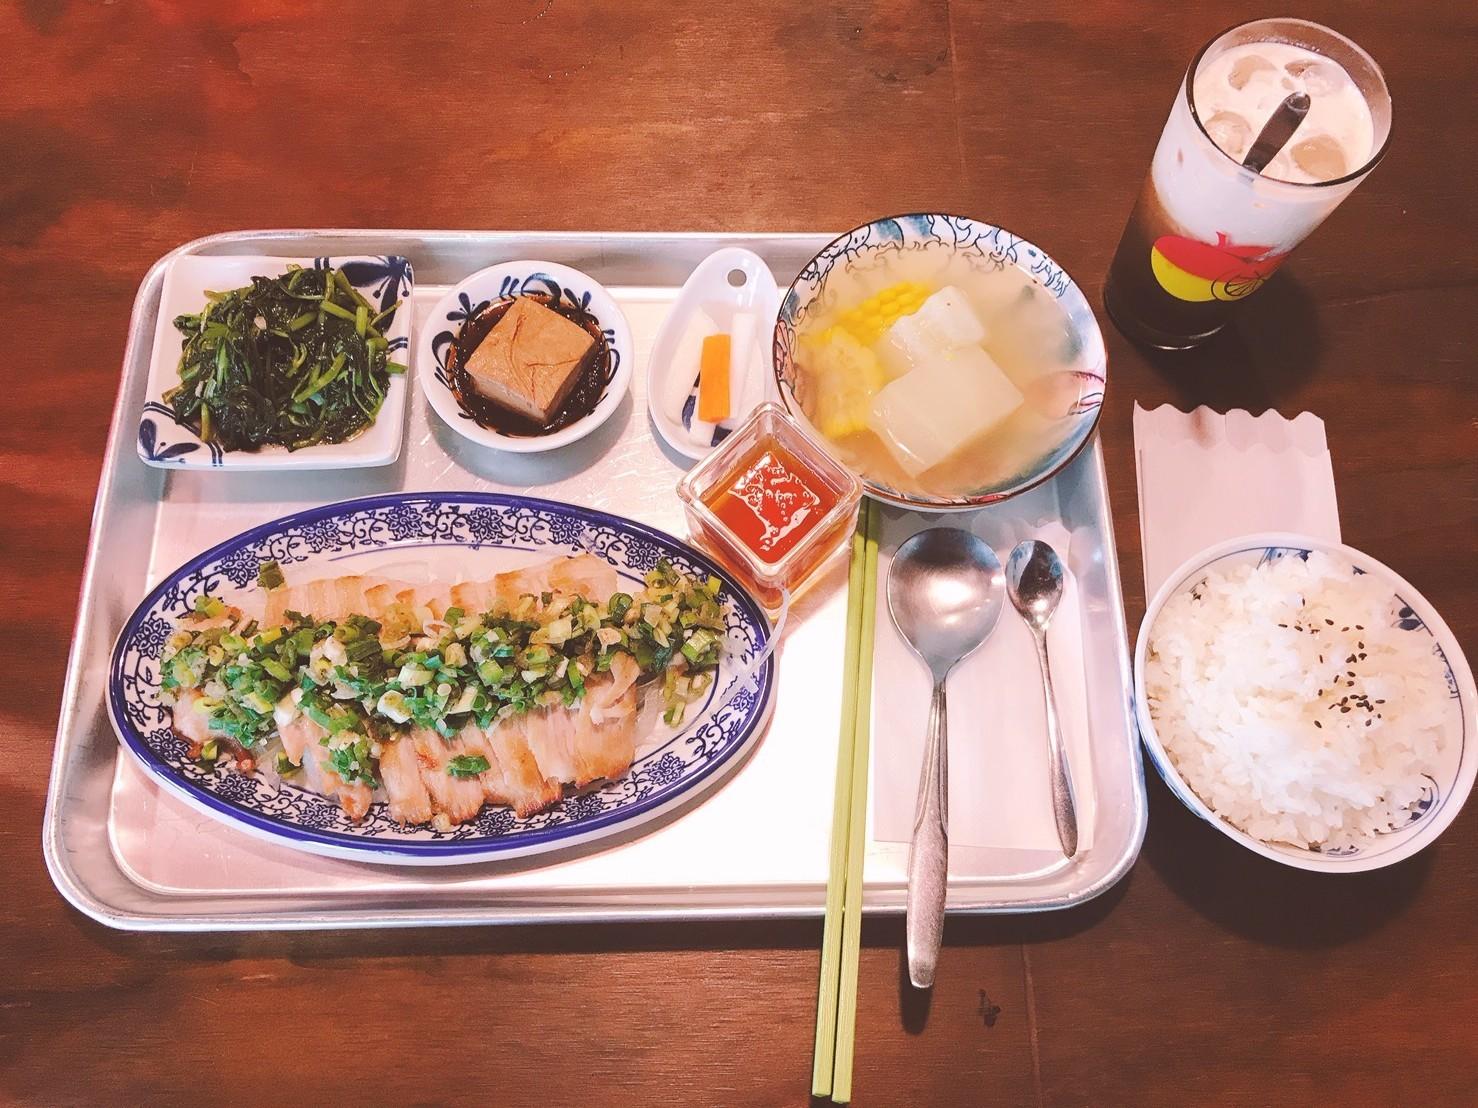 16嘉義東區復古風台式簡餐-弄來小餐桌-噴香麻油豬|小福砌餐飲空間設計